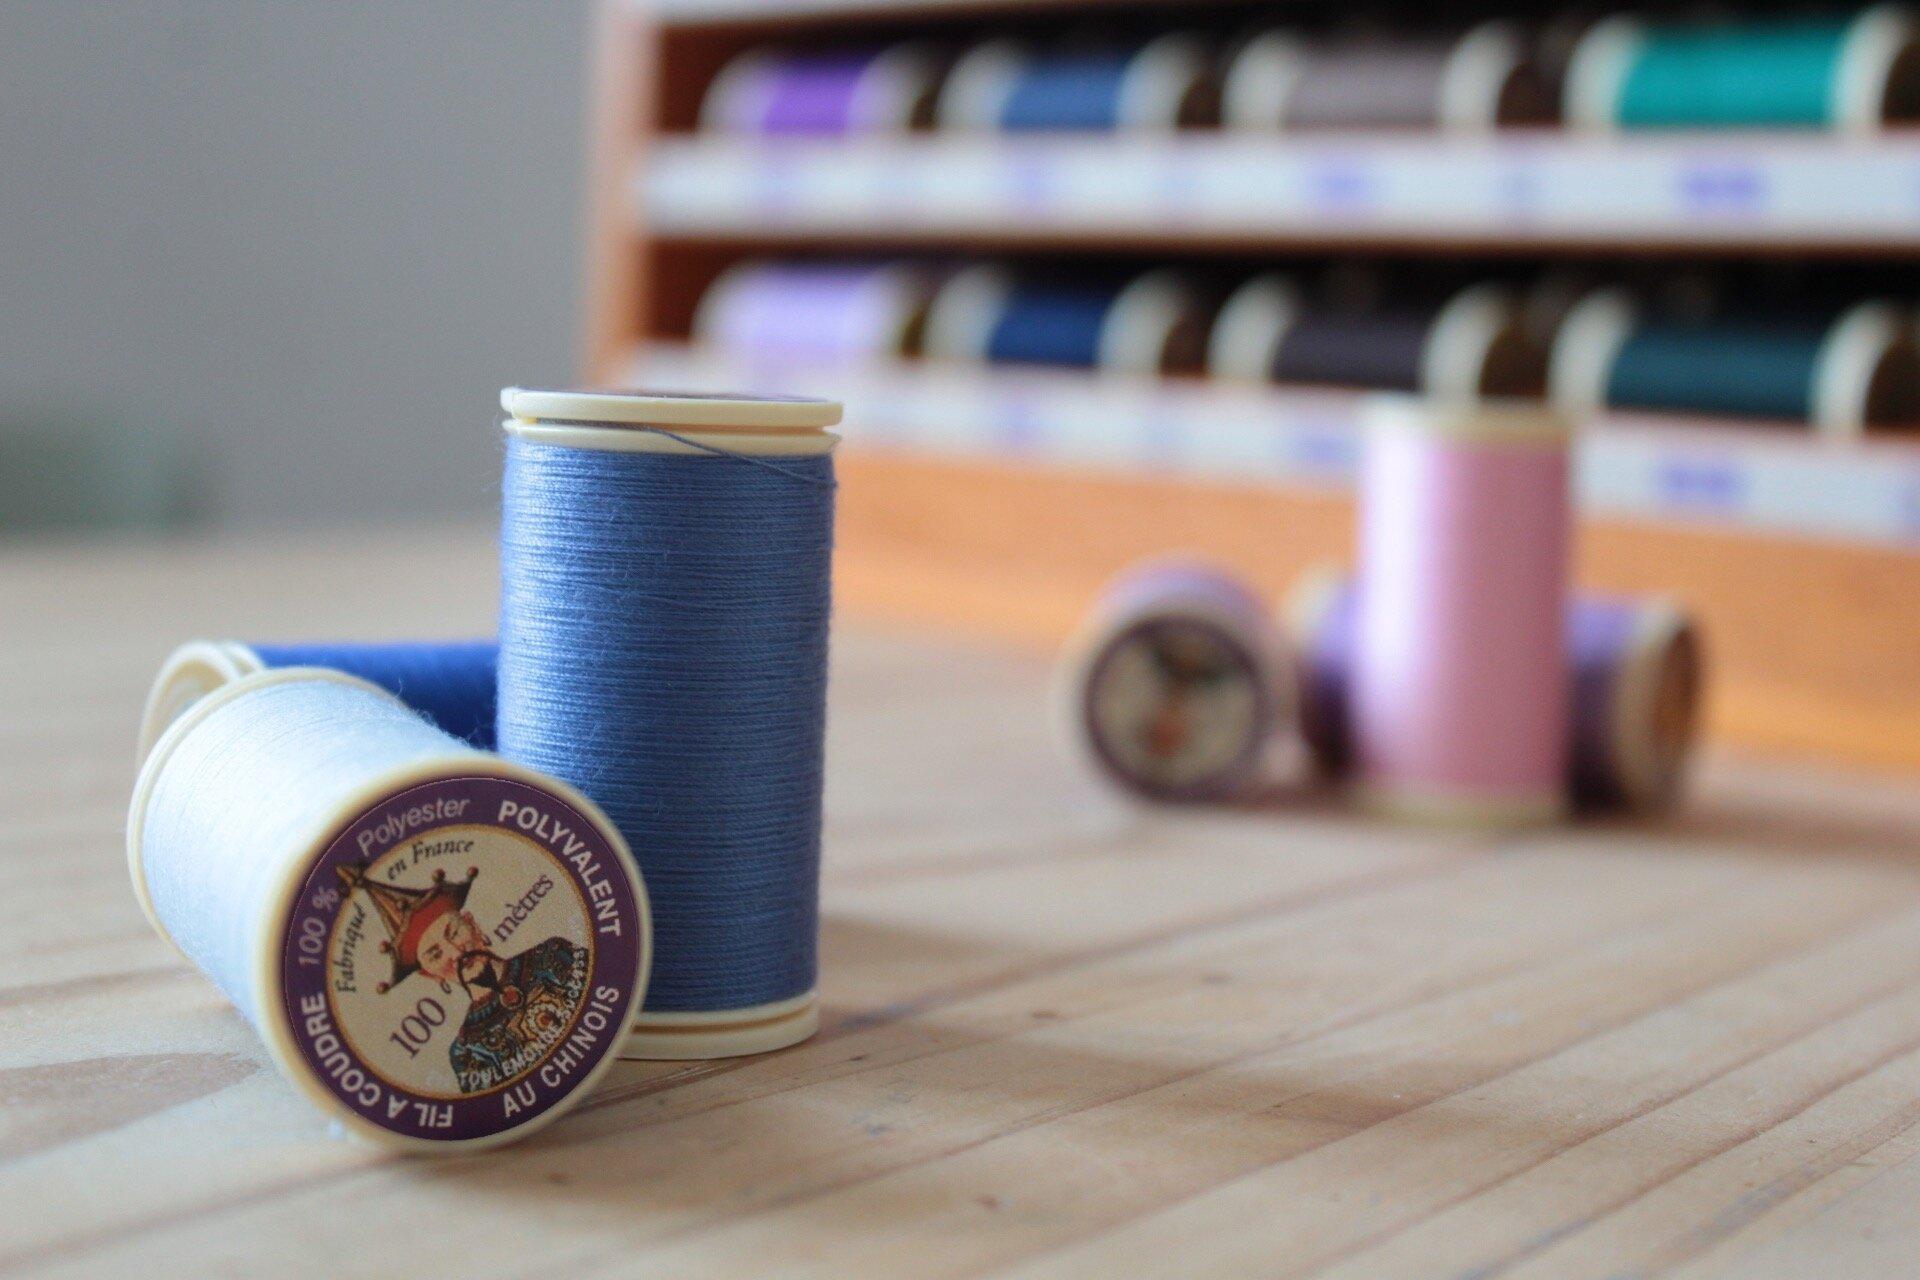 Le Choix du fil: Fil polyester ou fil de coton, comment choisir ?